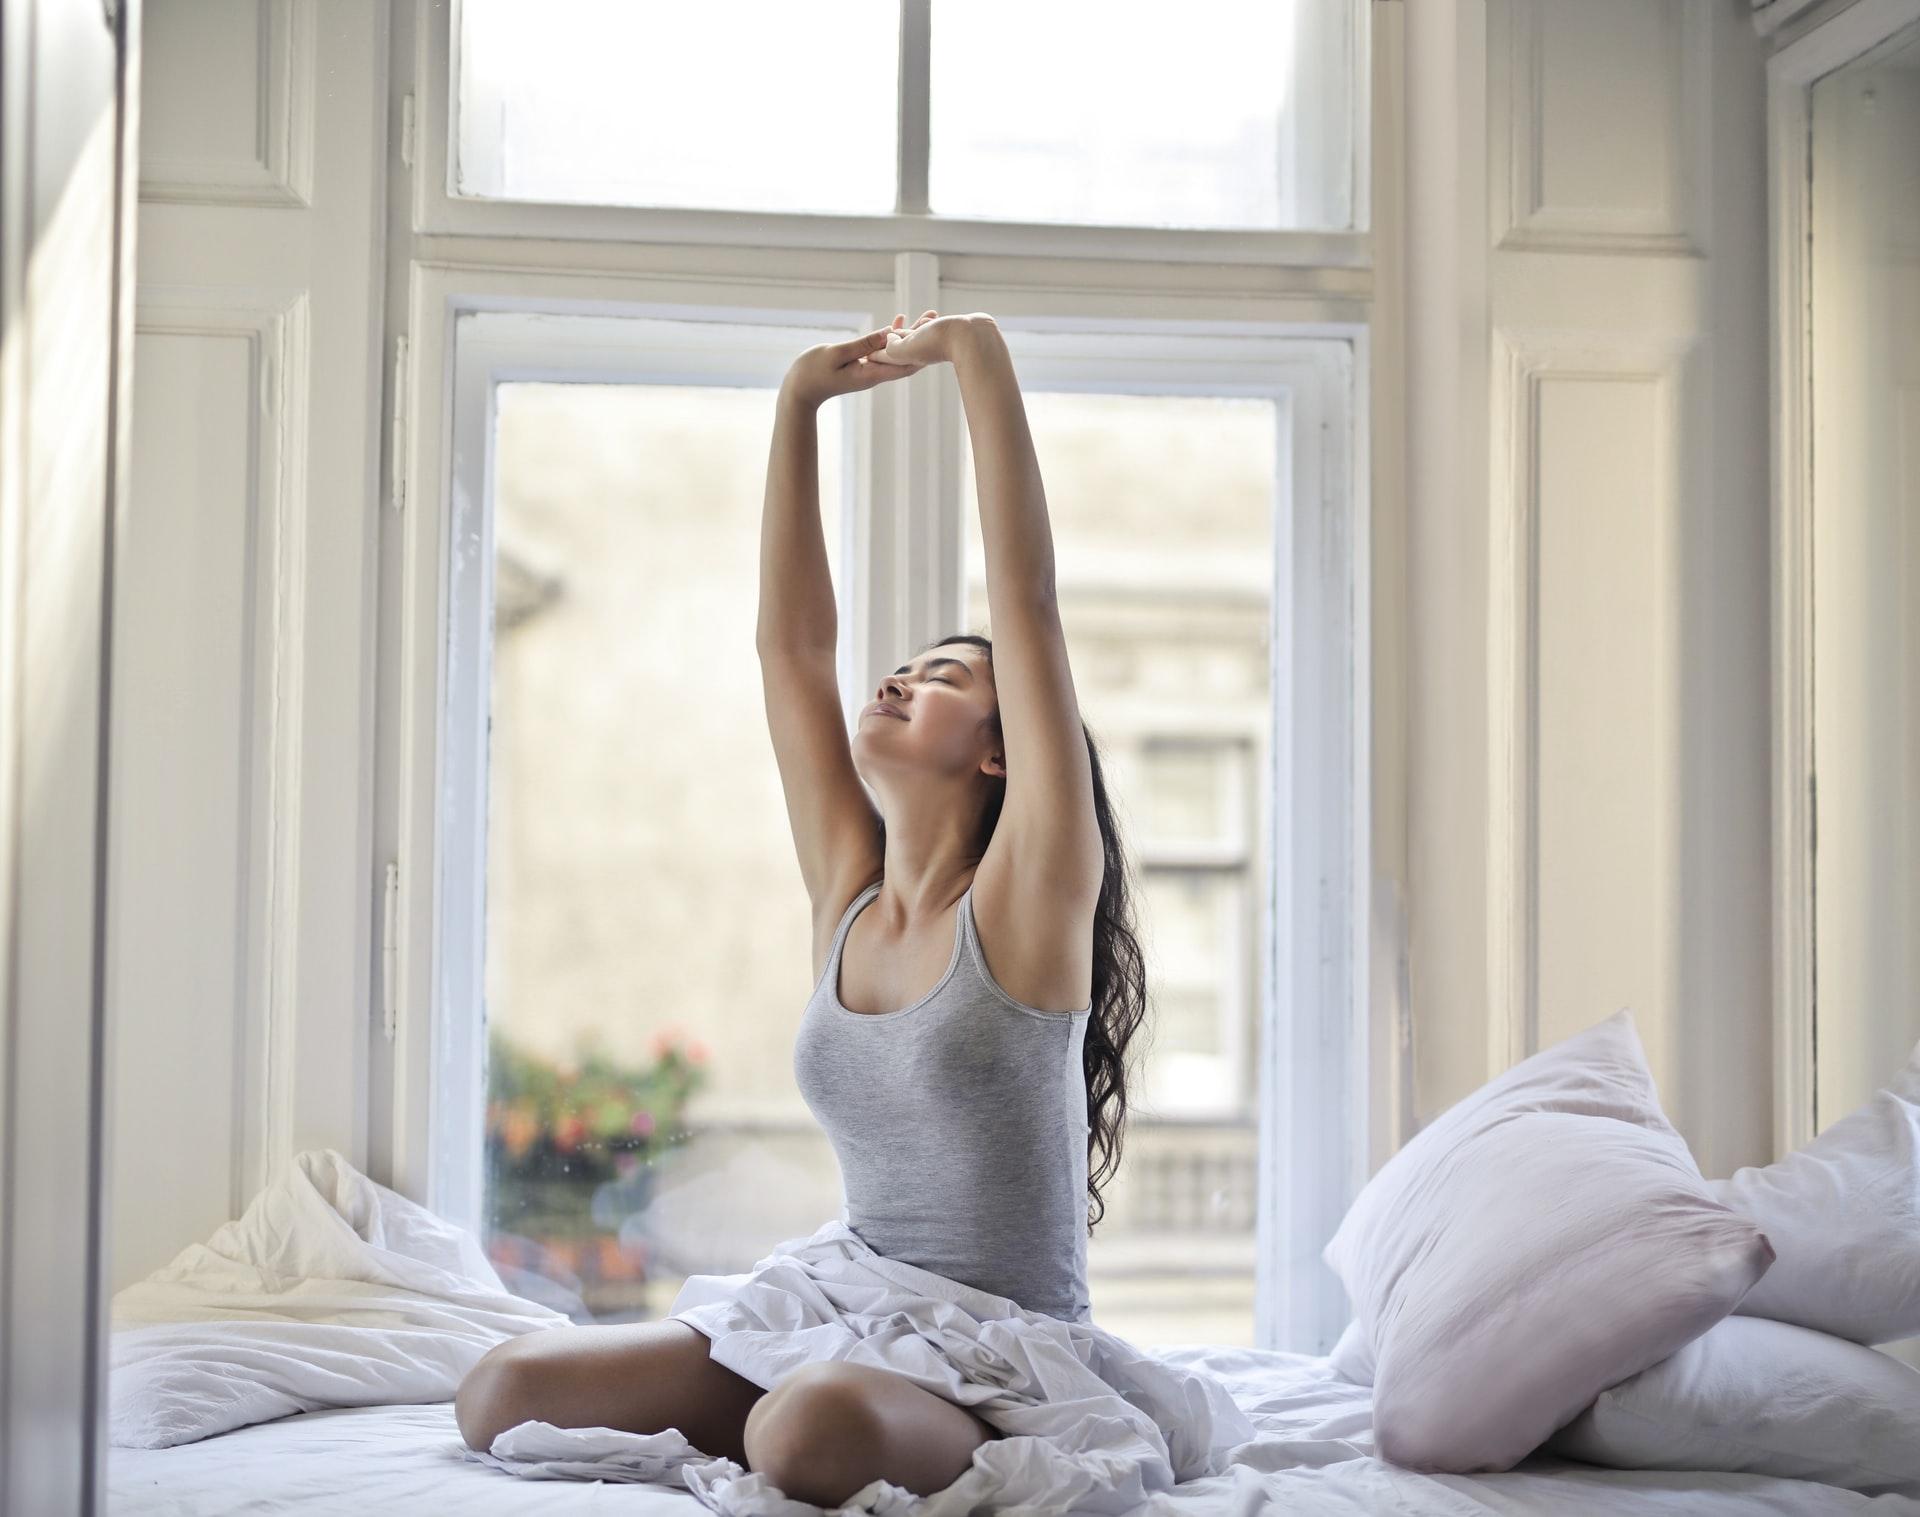 さいごに: 朝日の光パワーでスッキリとした目覚めを感じましょう!